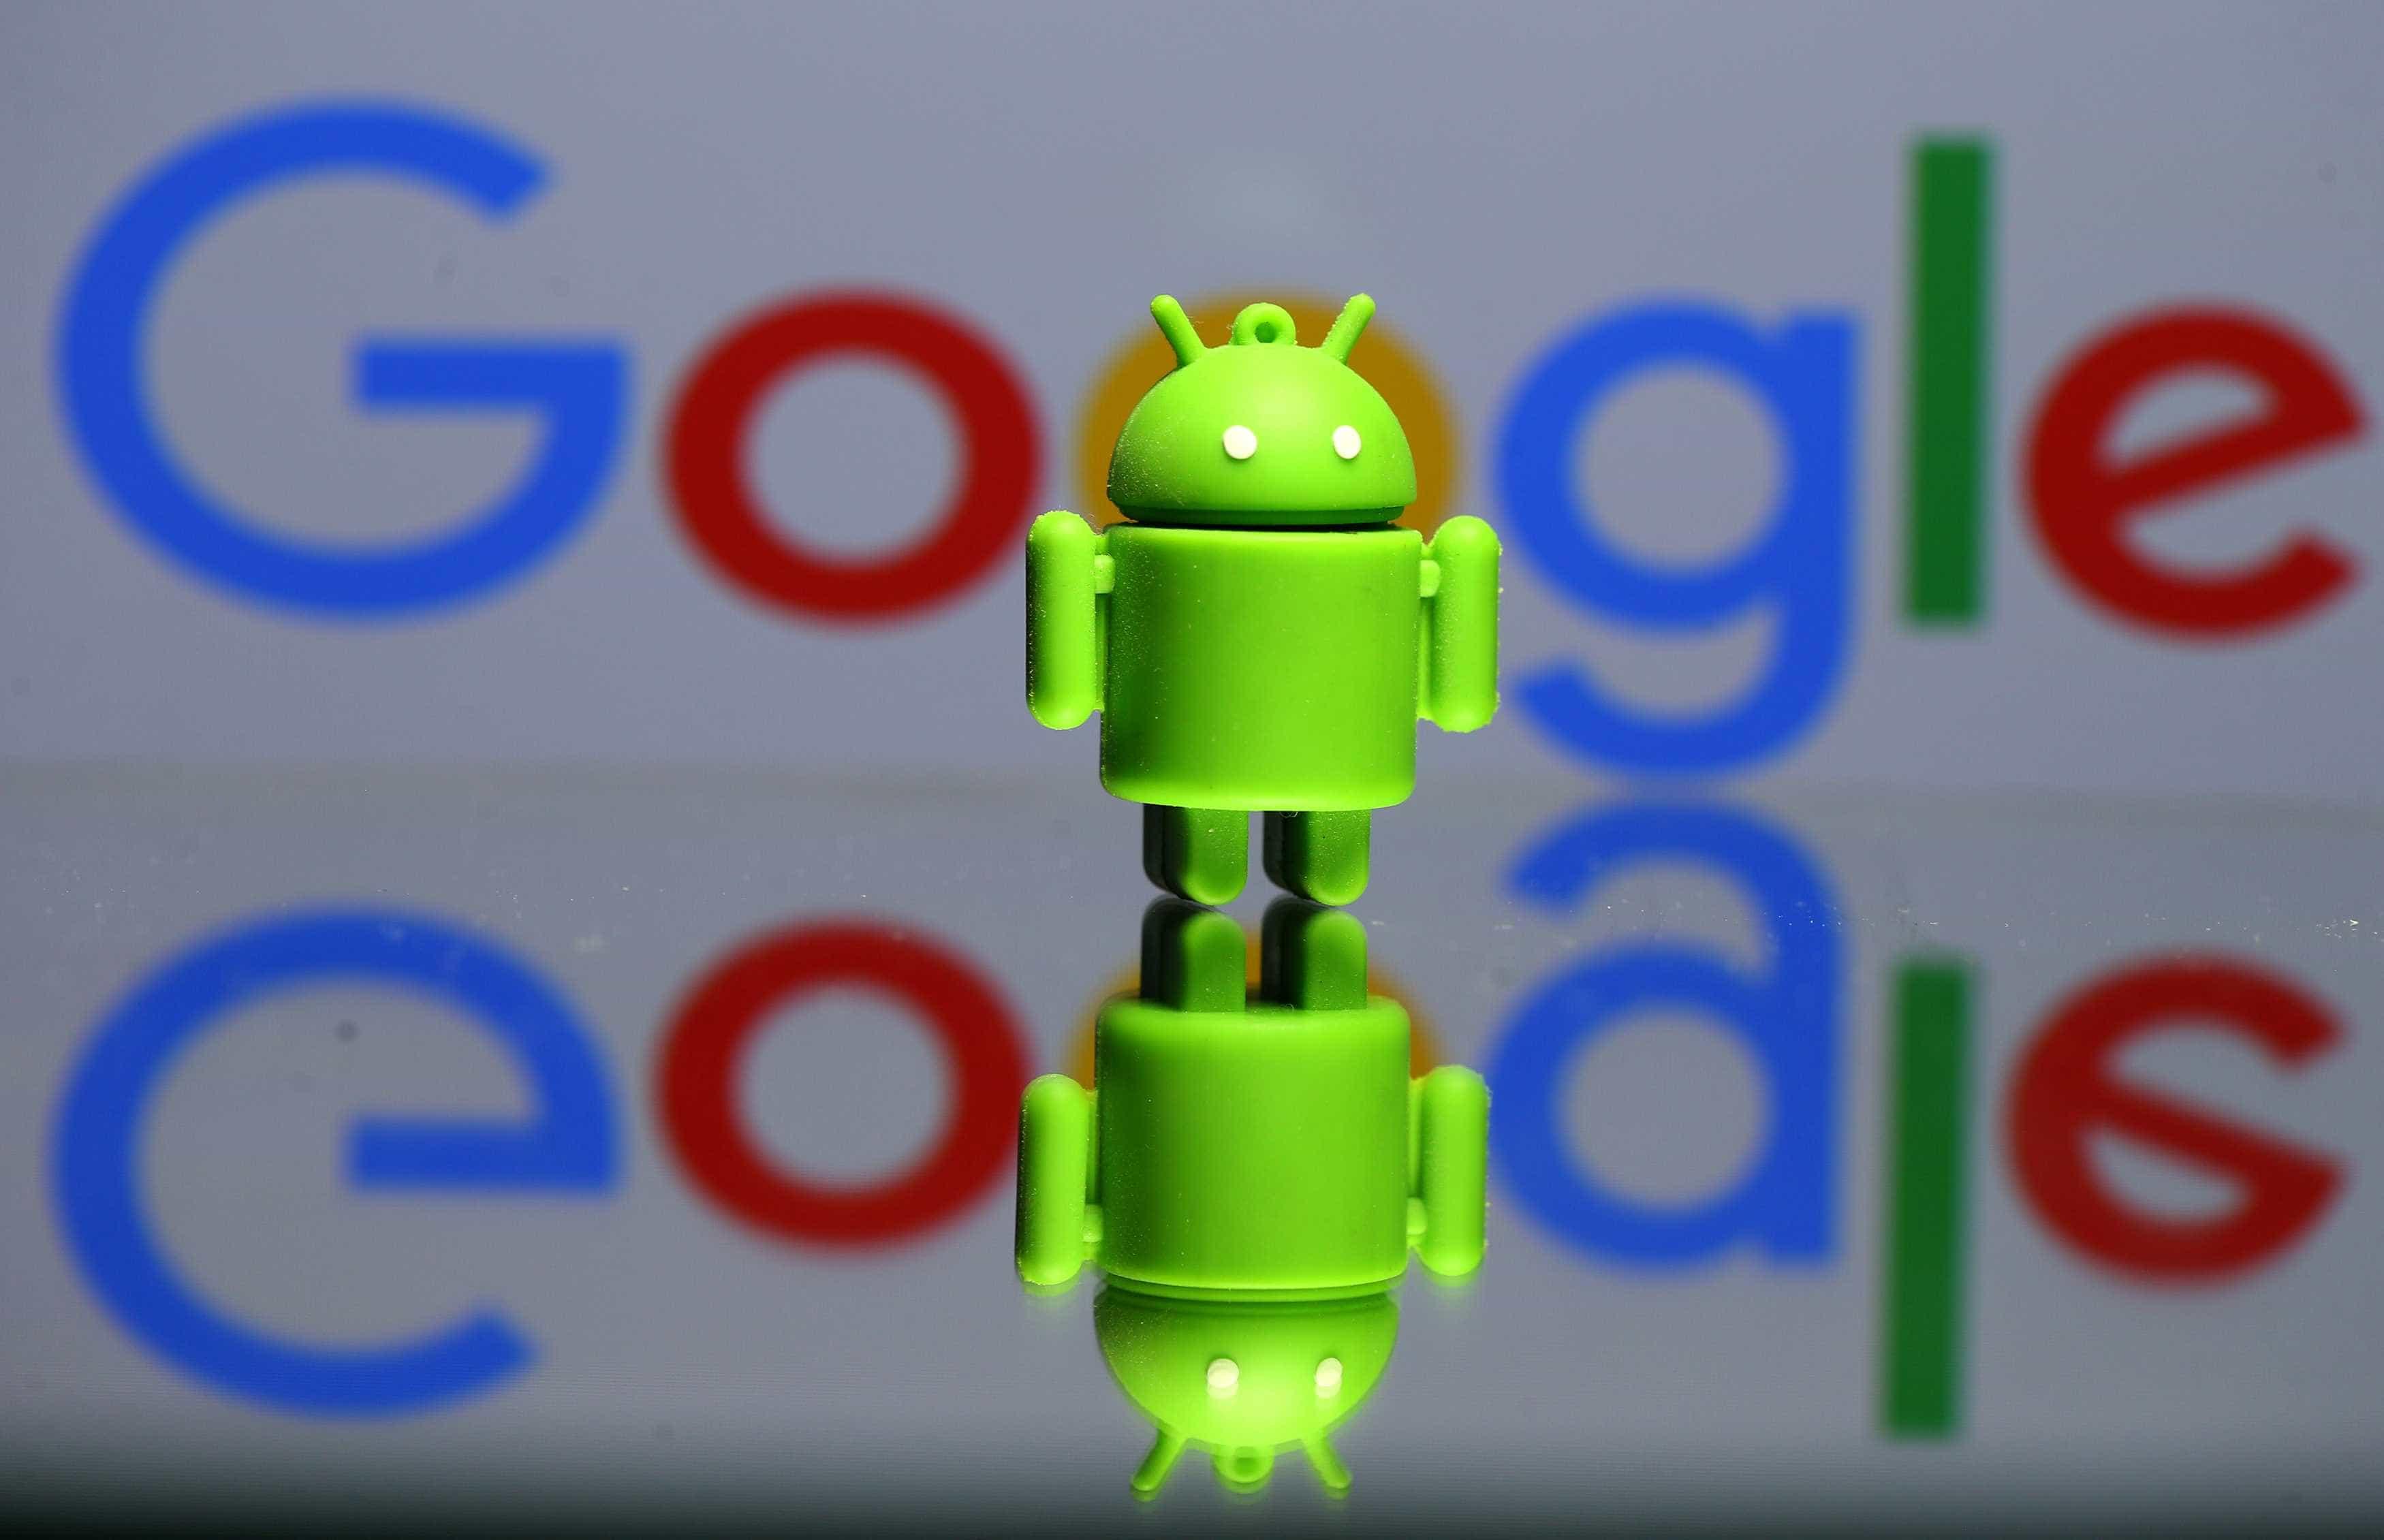 Vazou: Samsung deve lançar celulares 'baratos' com Android Oreo